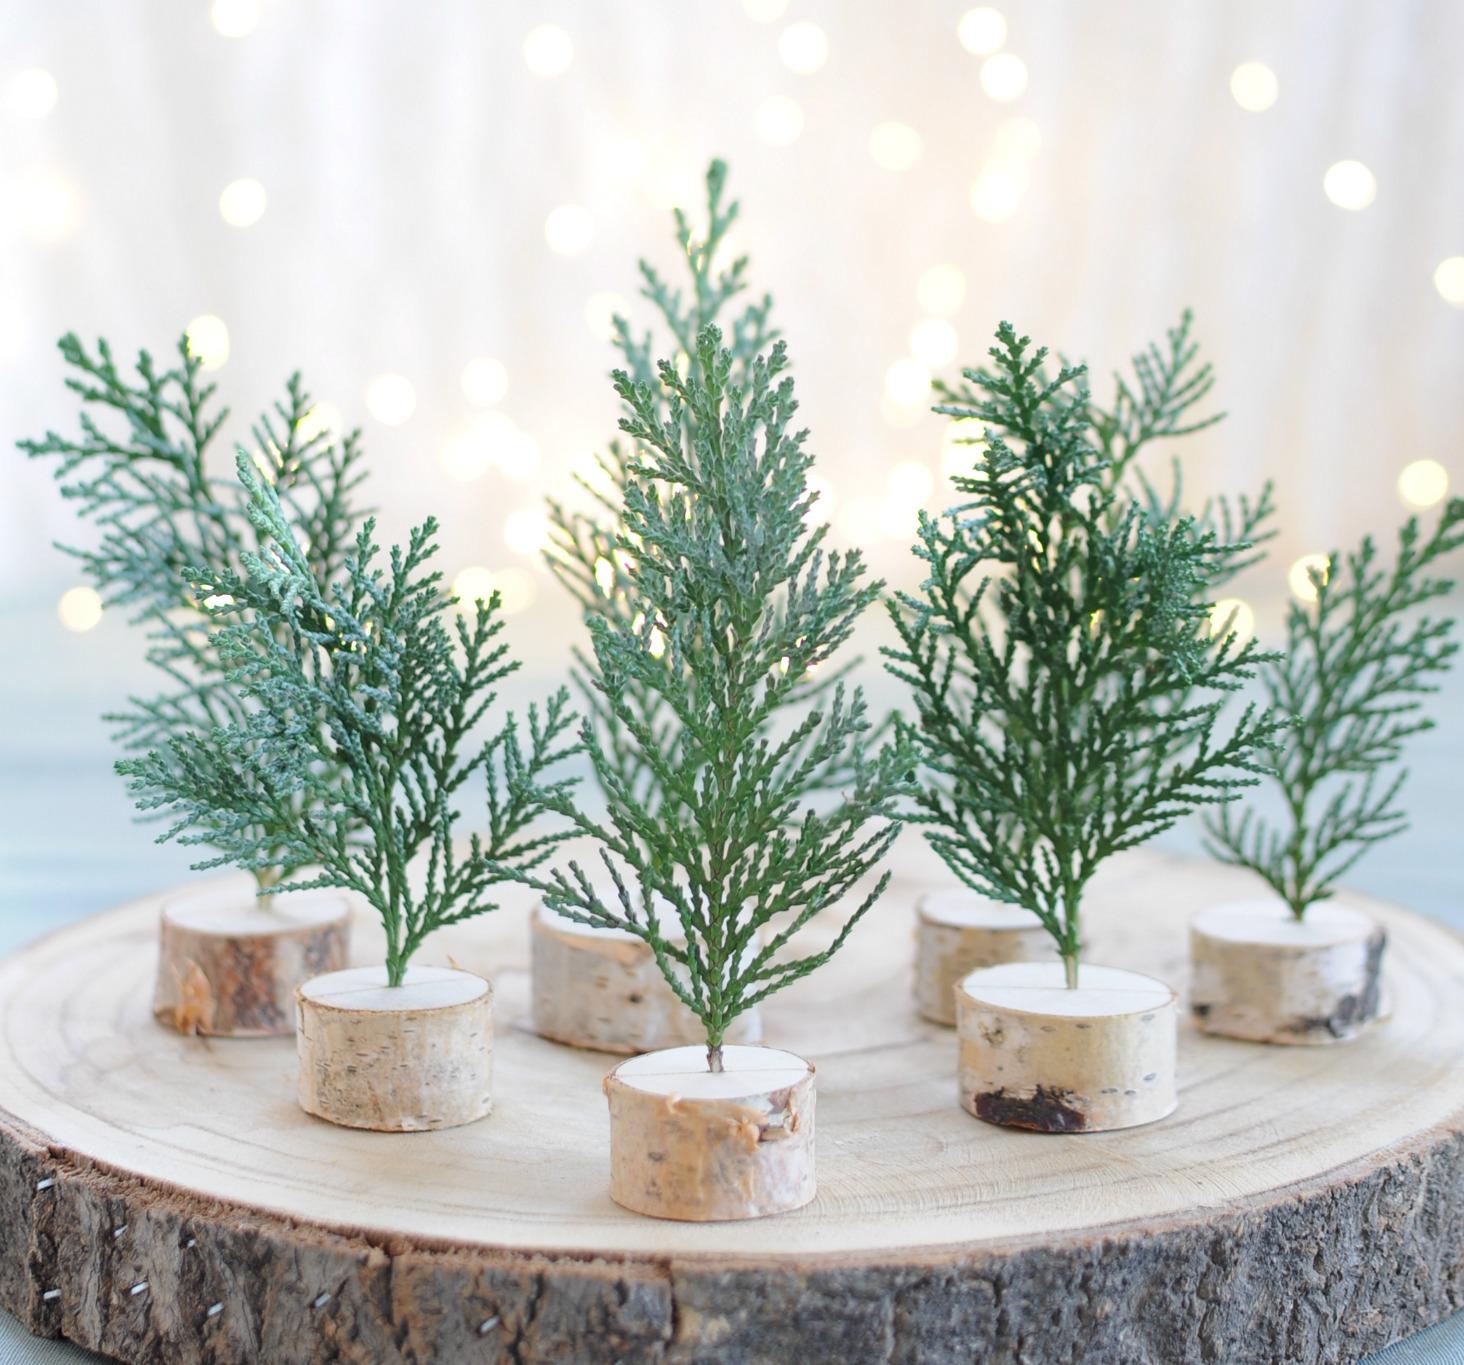 kerstboompjes maken van Conifeer